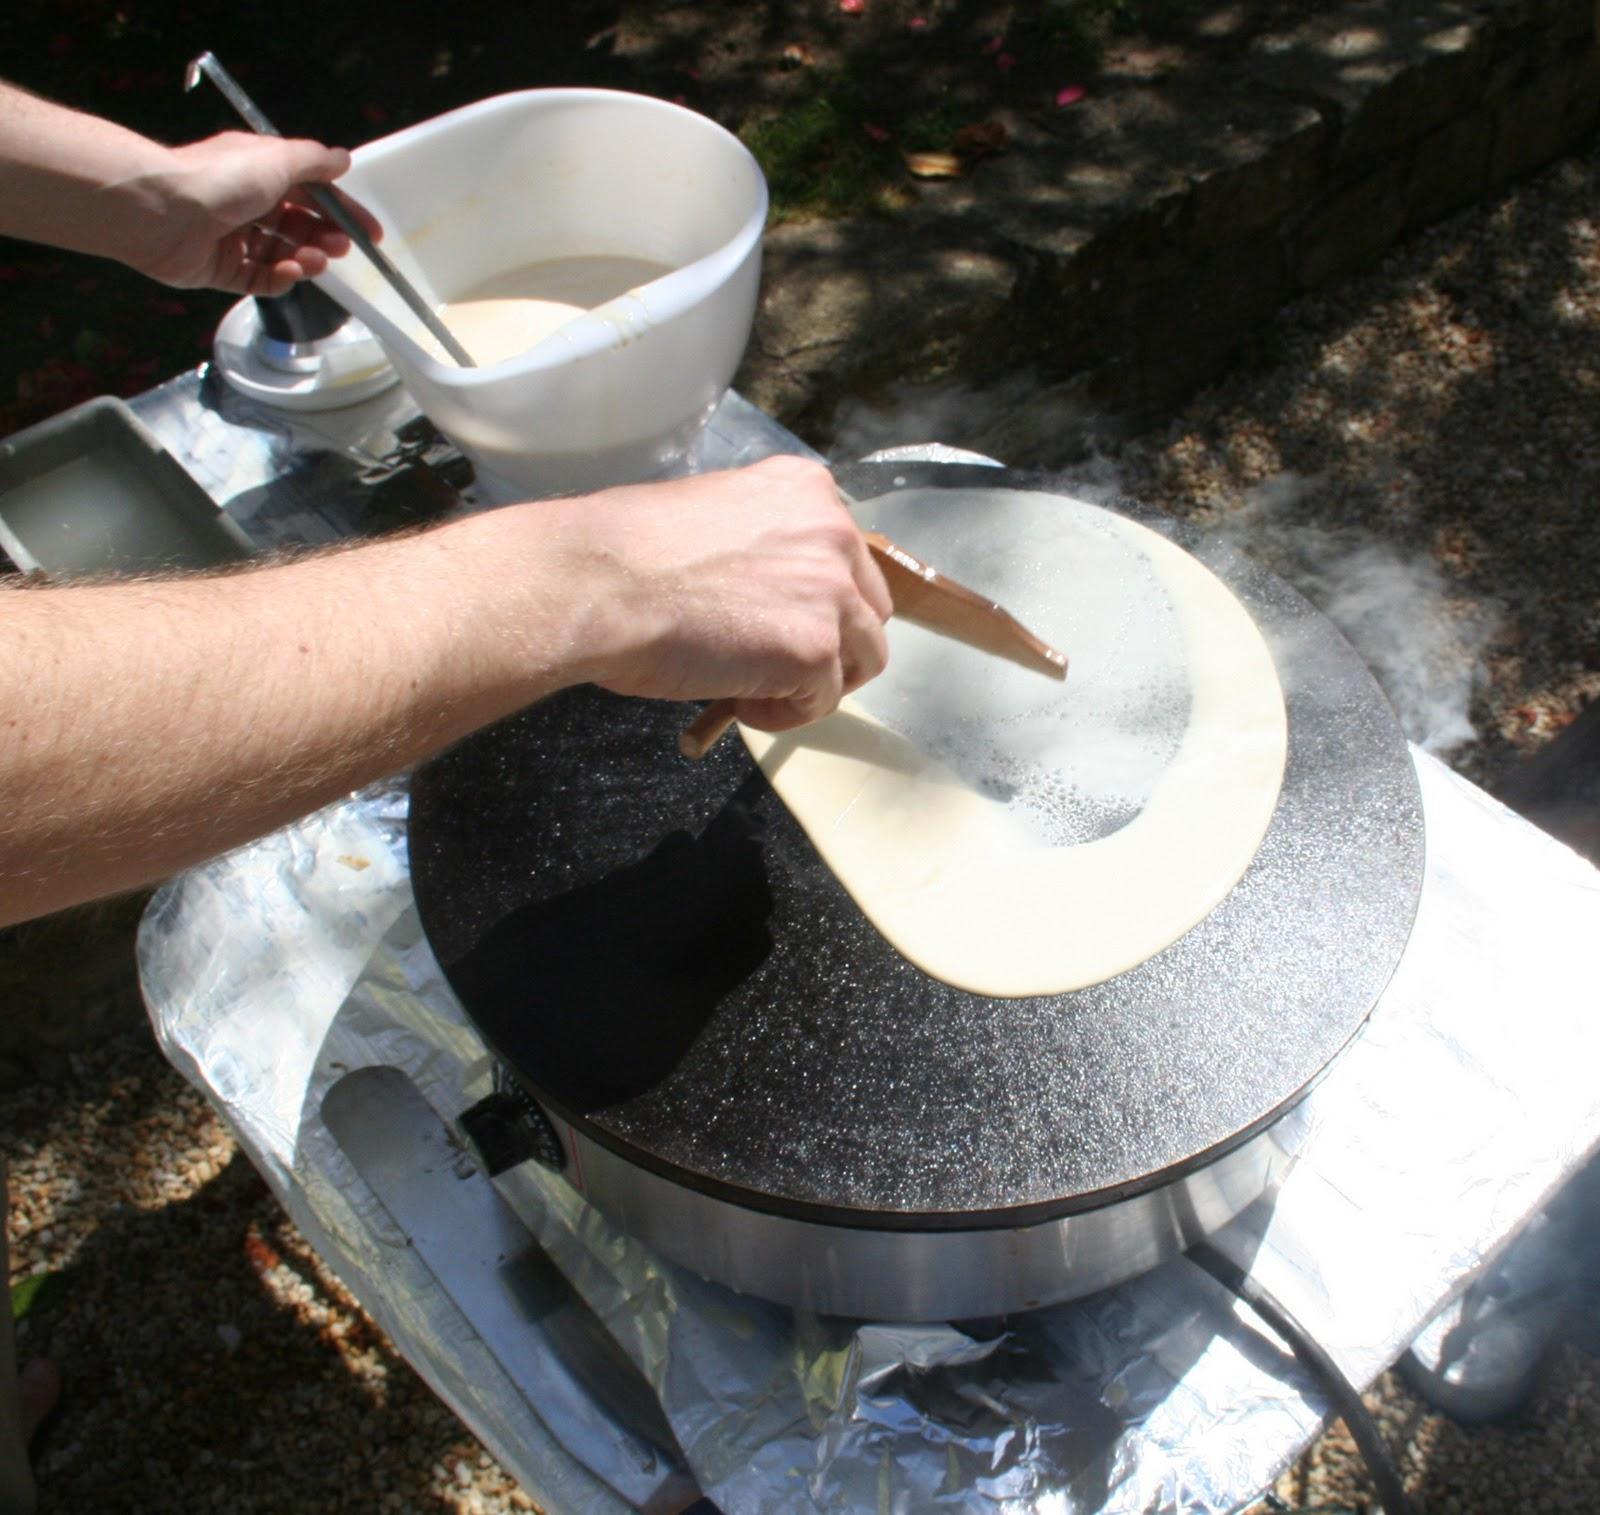 La cuisine de bernard cr pes de froment - Appareil pour faire des crepes ...